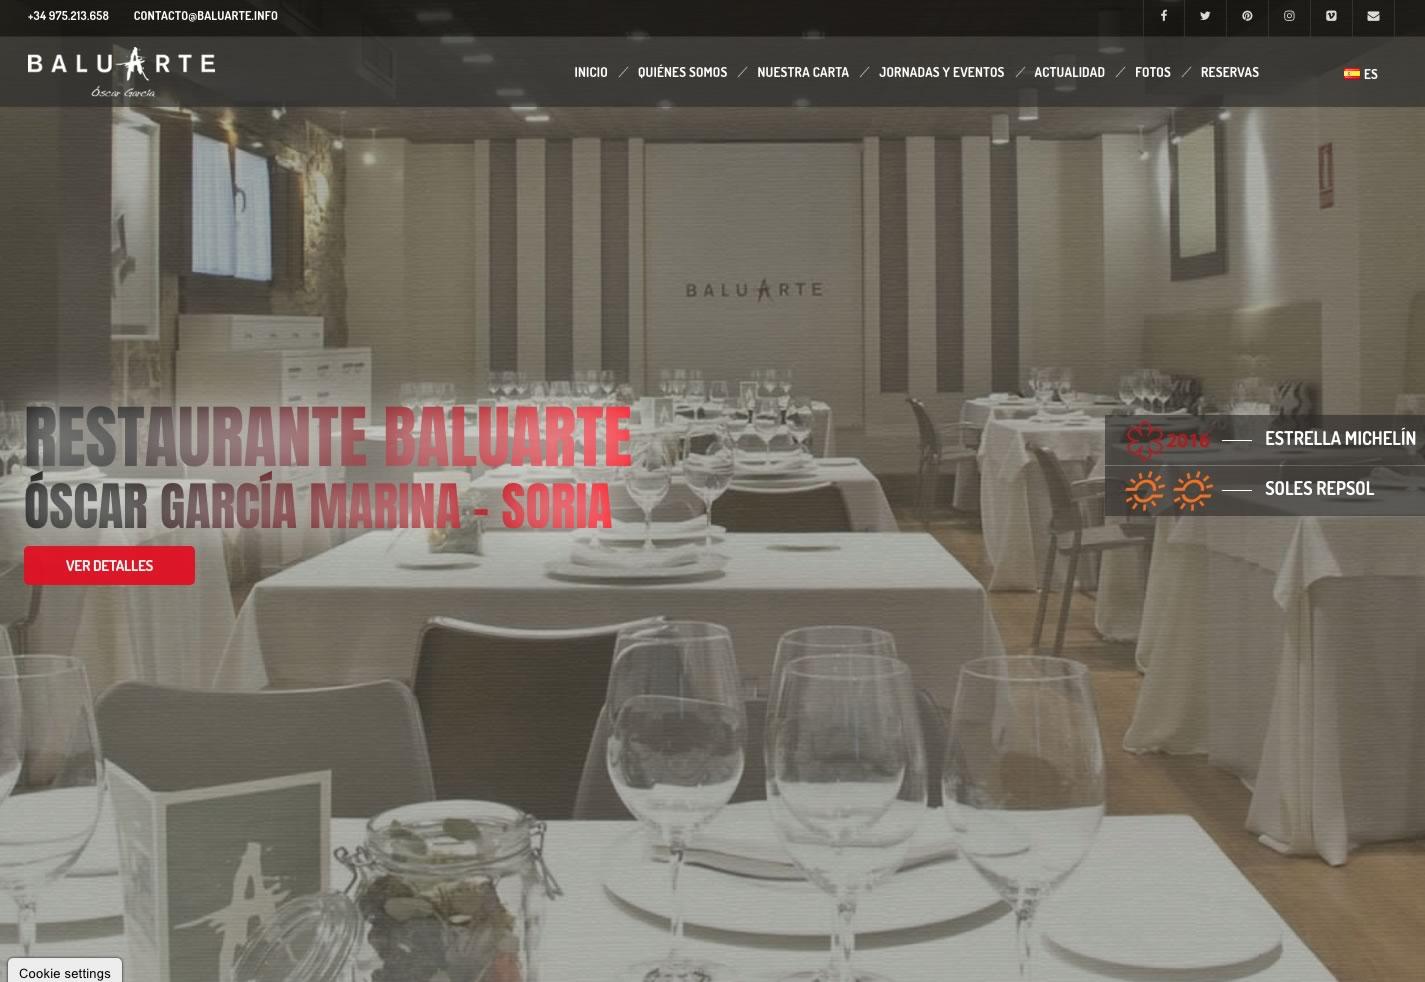 Rediseñada por completo la web del Restaurante Baluarte